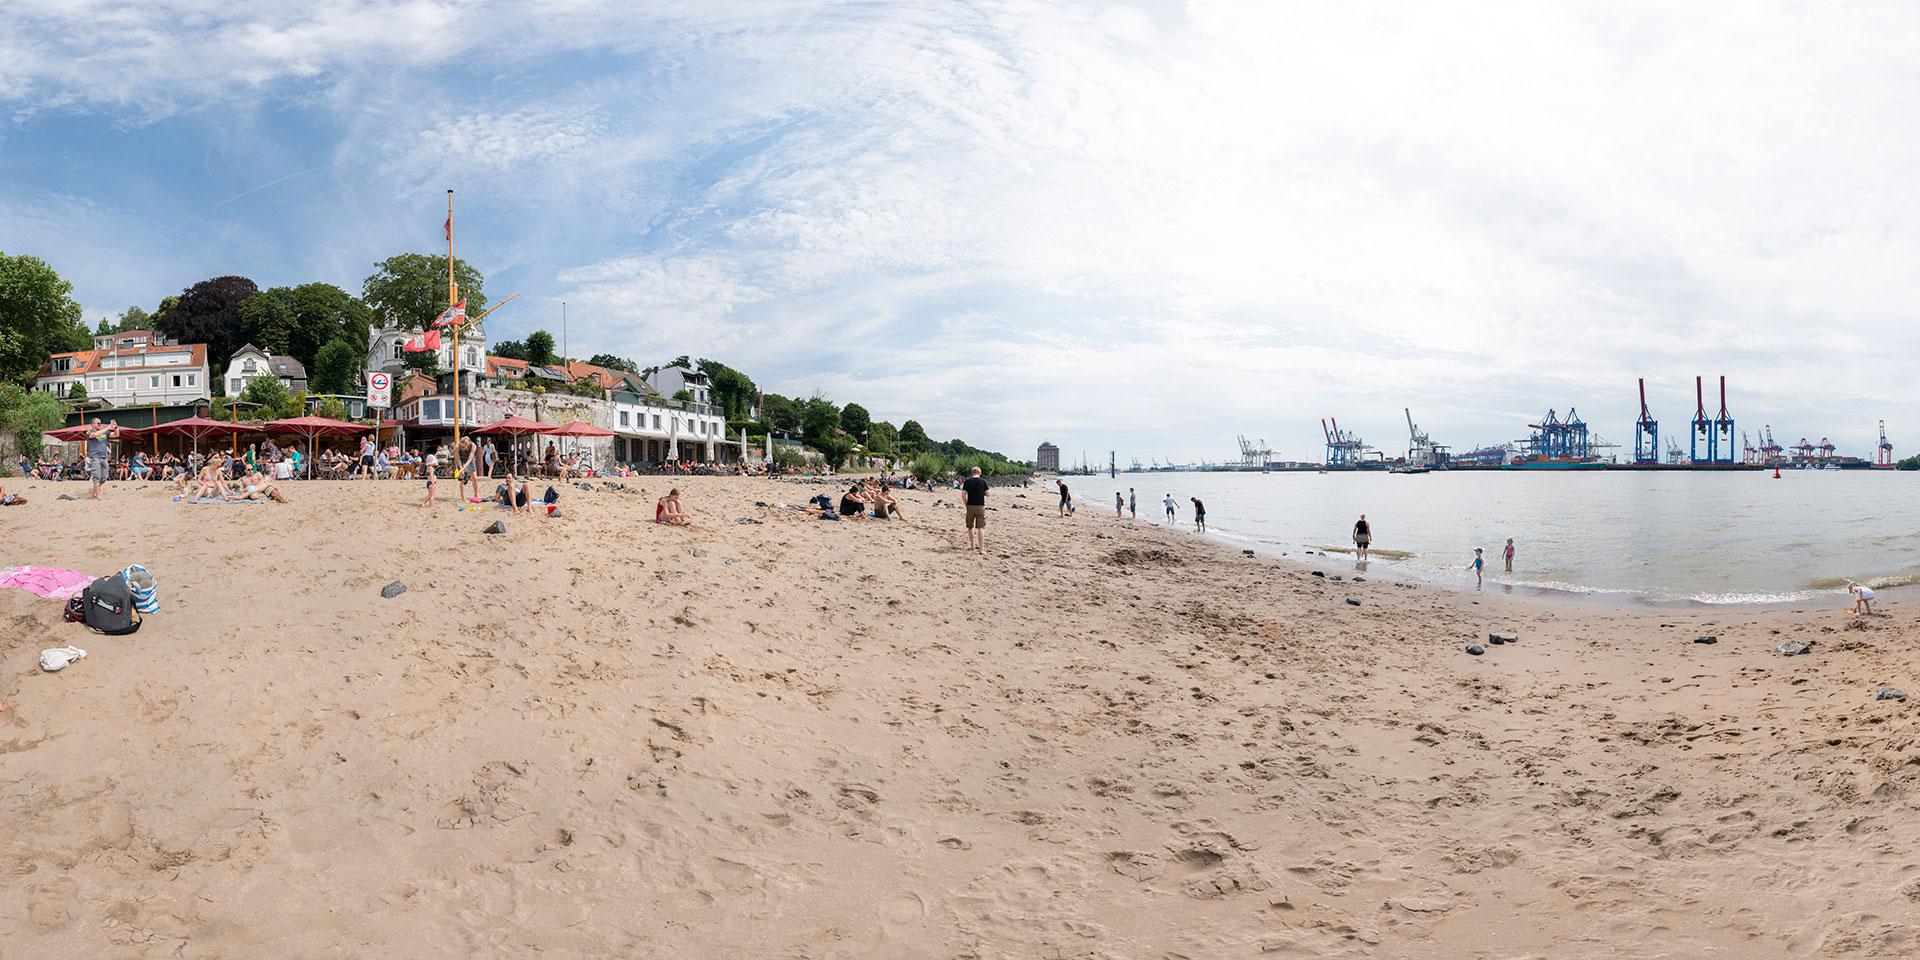 Elbe - Övelgönne -Hamburg - Strandperle